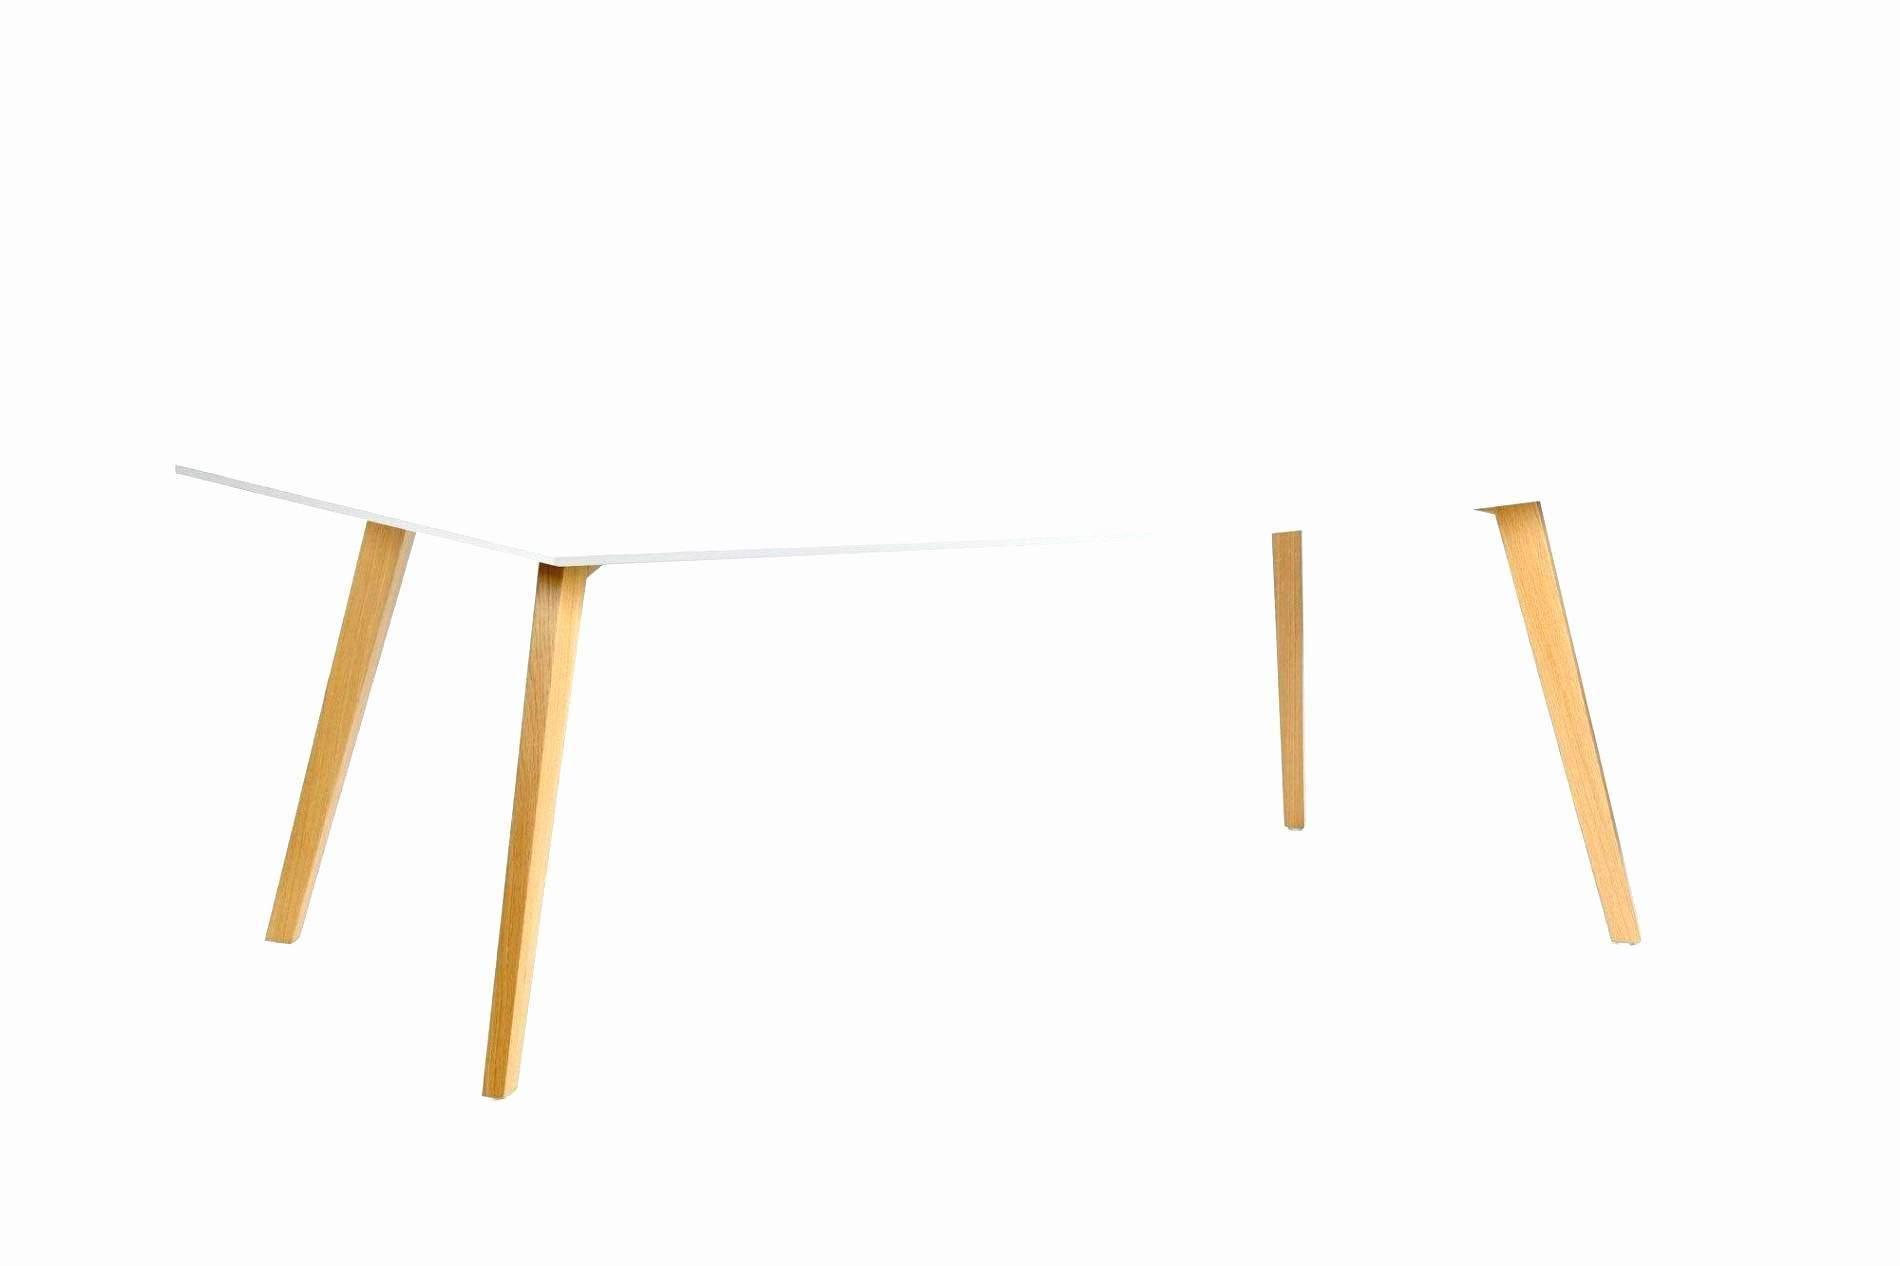 Full Size of Rattan Beistelltisch Ikea Wohnzimmer Tische Luxus Esstisch Inspirierend Polyrattan Sofa Betten Bei Küche Garten Modulküche Miniküche Kosten Bett 160x200 Wohnzimmer Rattan Beistelltisch Ikea